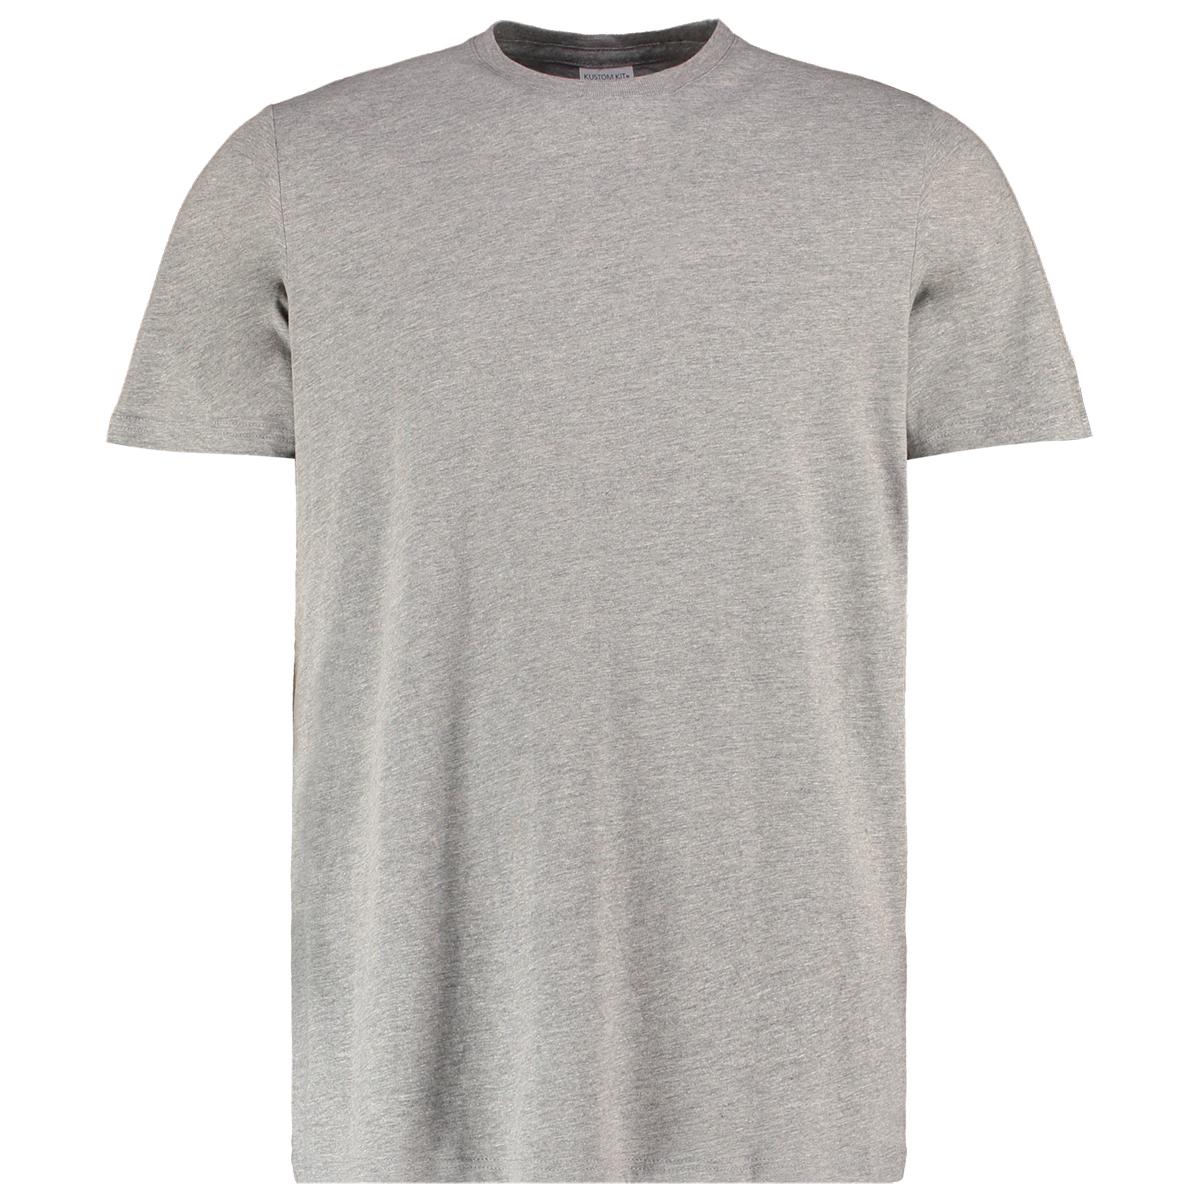 d50dcfe0b KK507 Fashion Fit Cotton Tee - Kustom Kit